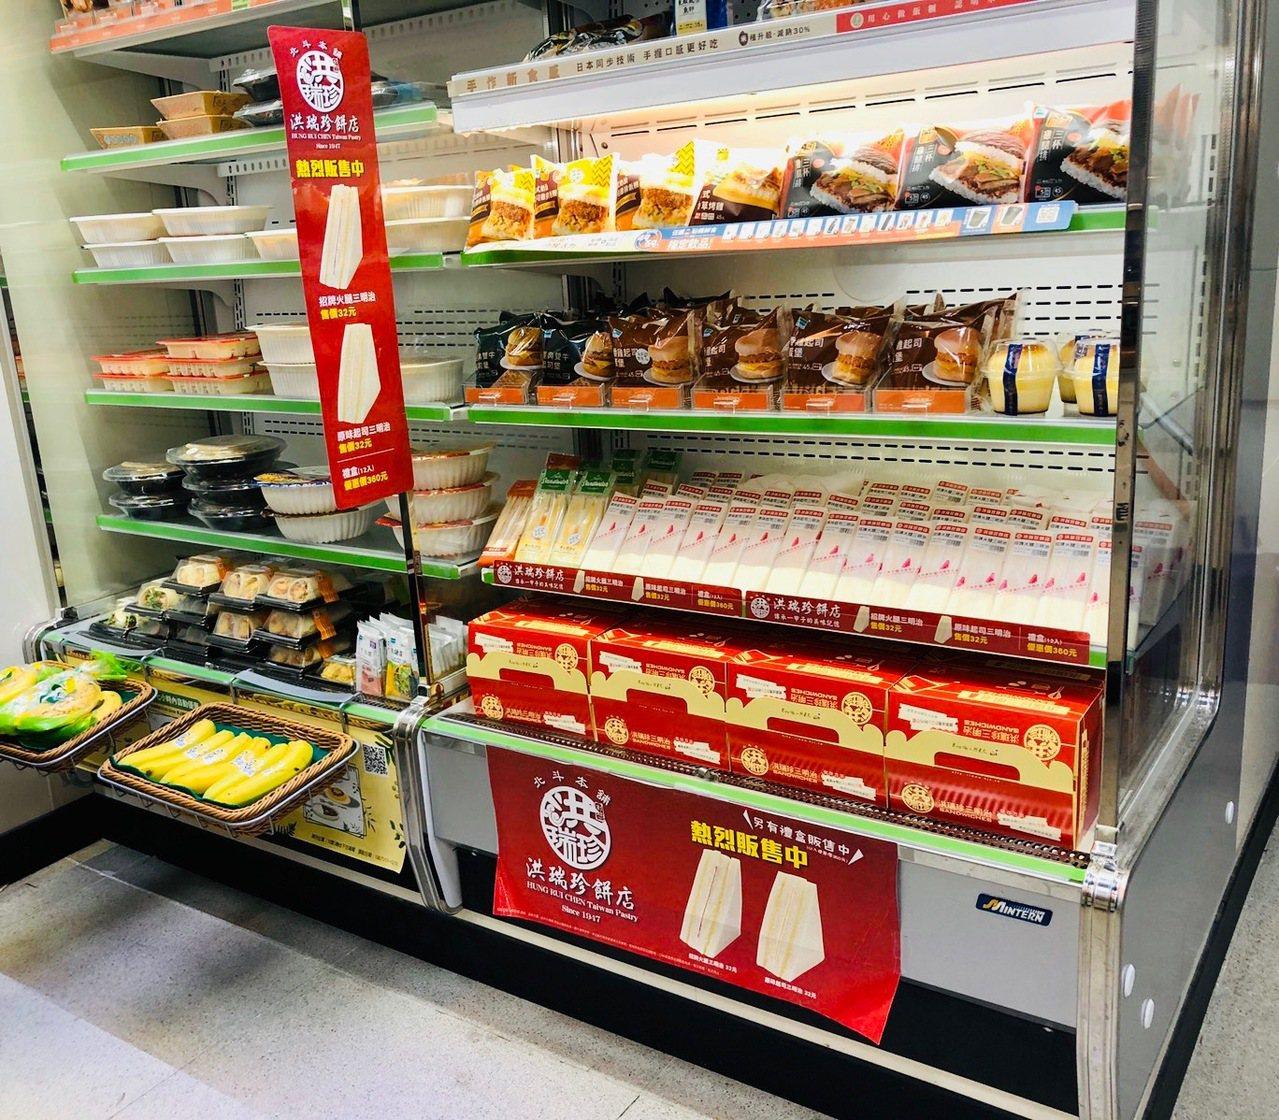 全家便利商店台中台鐵店、豐原台鐵店販售洪瑞珍三明治。圖/全家便利商店提供